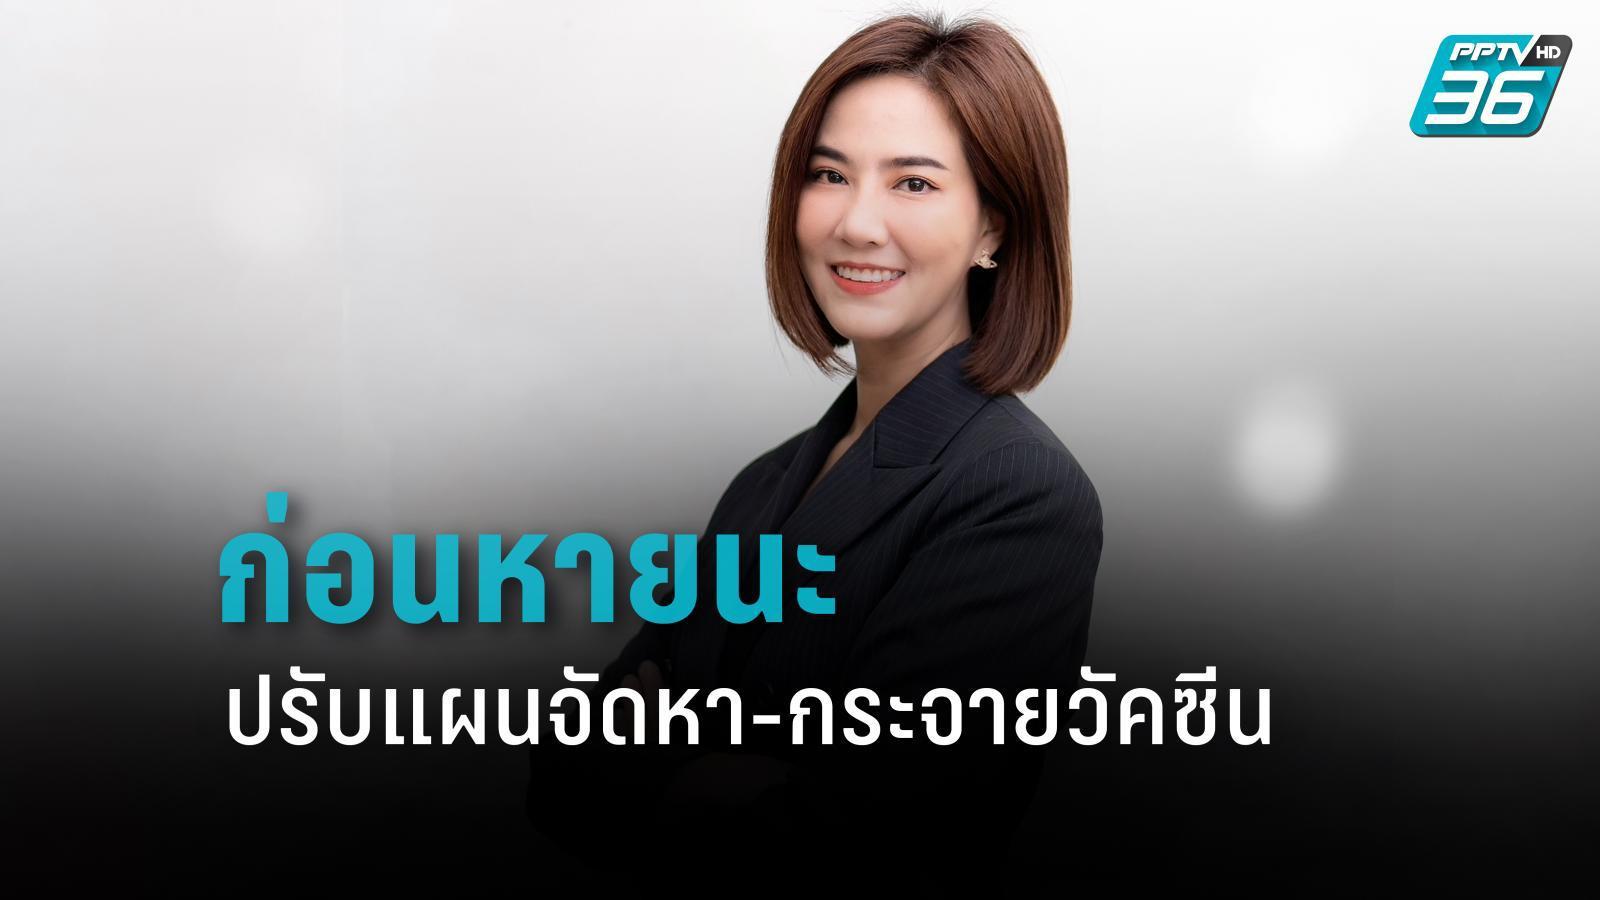 """""""ไทยสร้างไทย"""" เสนอ รัฐบาล ปรับแผนจัดหา-กระจายวัคซีน ก่อนหายนะ"""